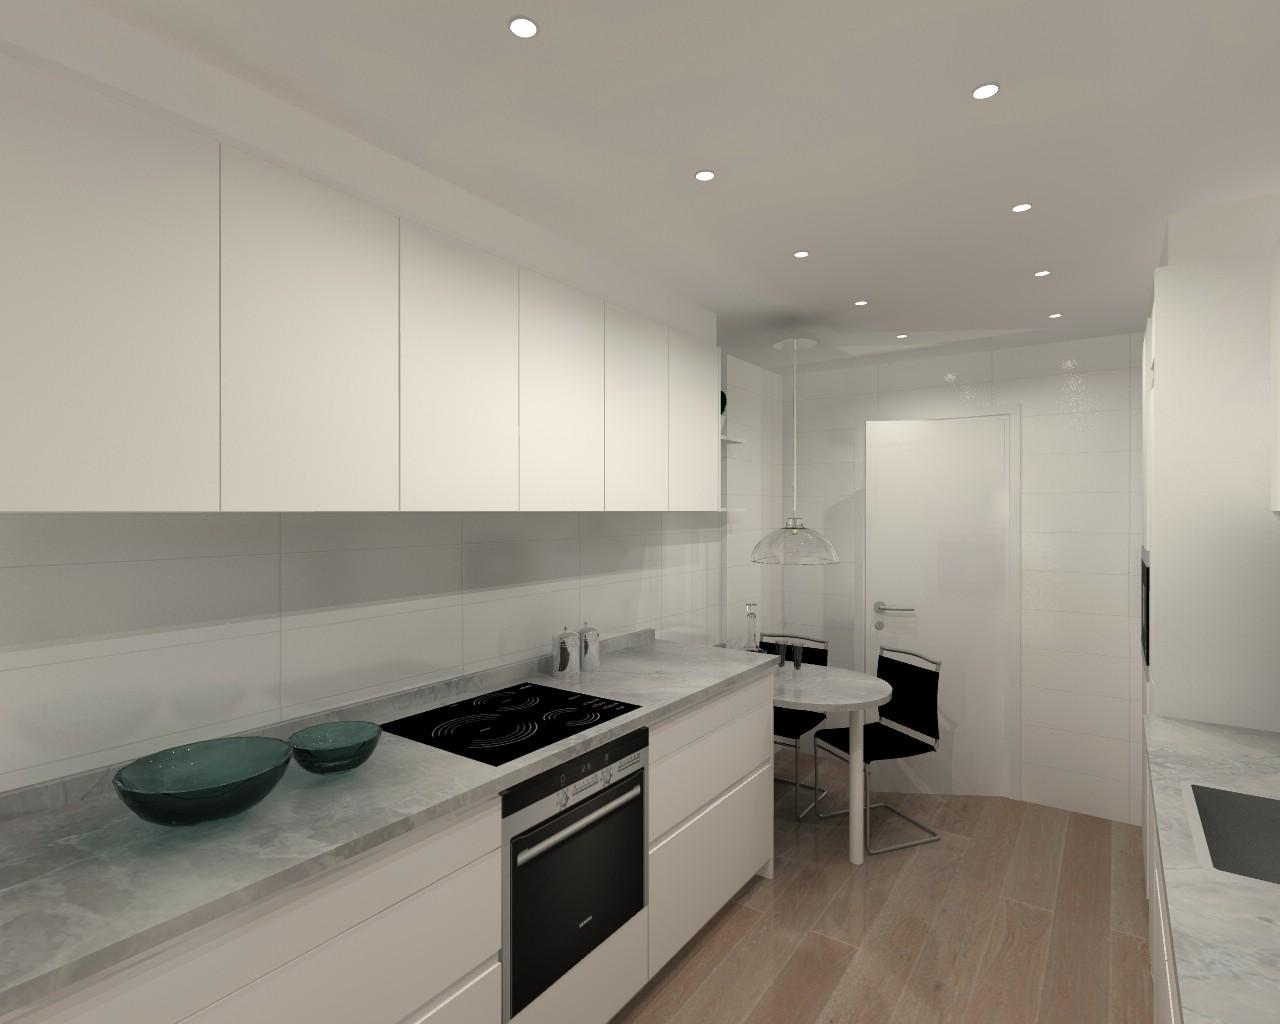 Cocina santos modelo intra e blanco encimera granito - Encimera granito blanco ...